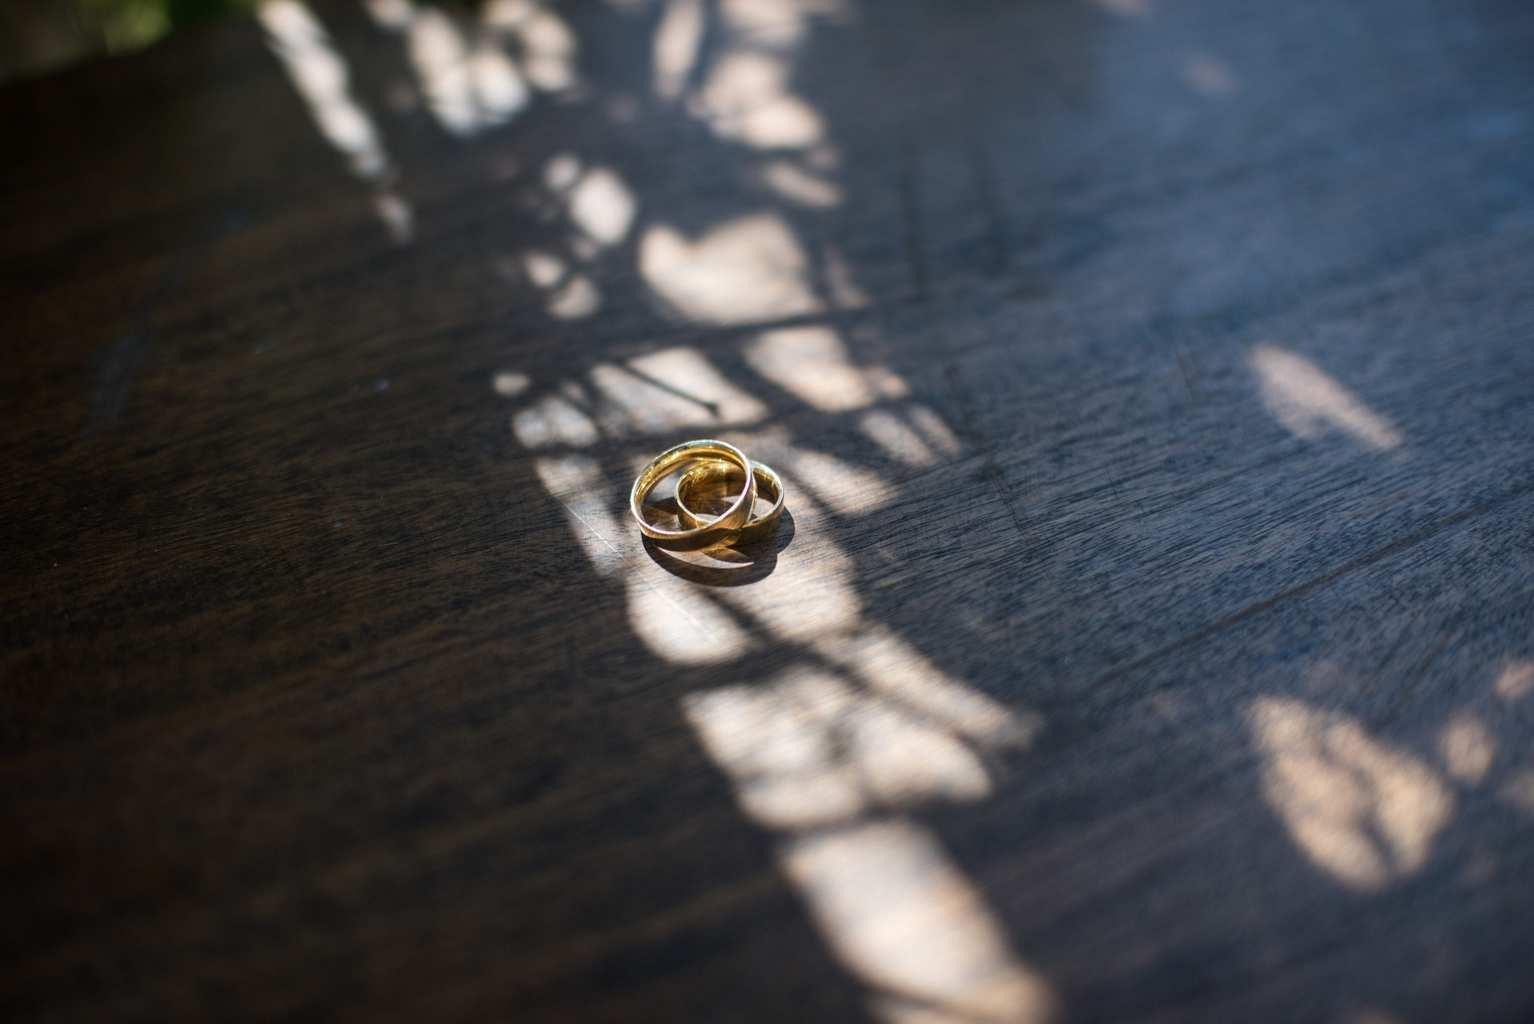 casamento-de-dia-casamento-Nicole-e-Thales-casamento-no-jardim-csasamento-ao-ar-livre-Fotografia-Marina-Fava-Galeria-Jardim-Rio-de-Janeiro-1